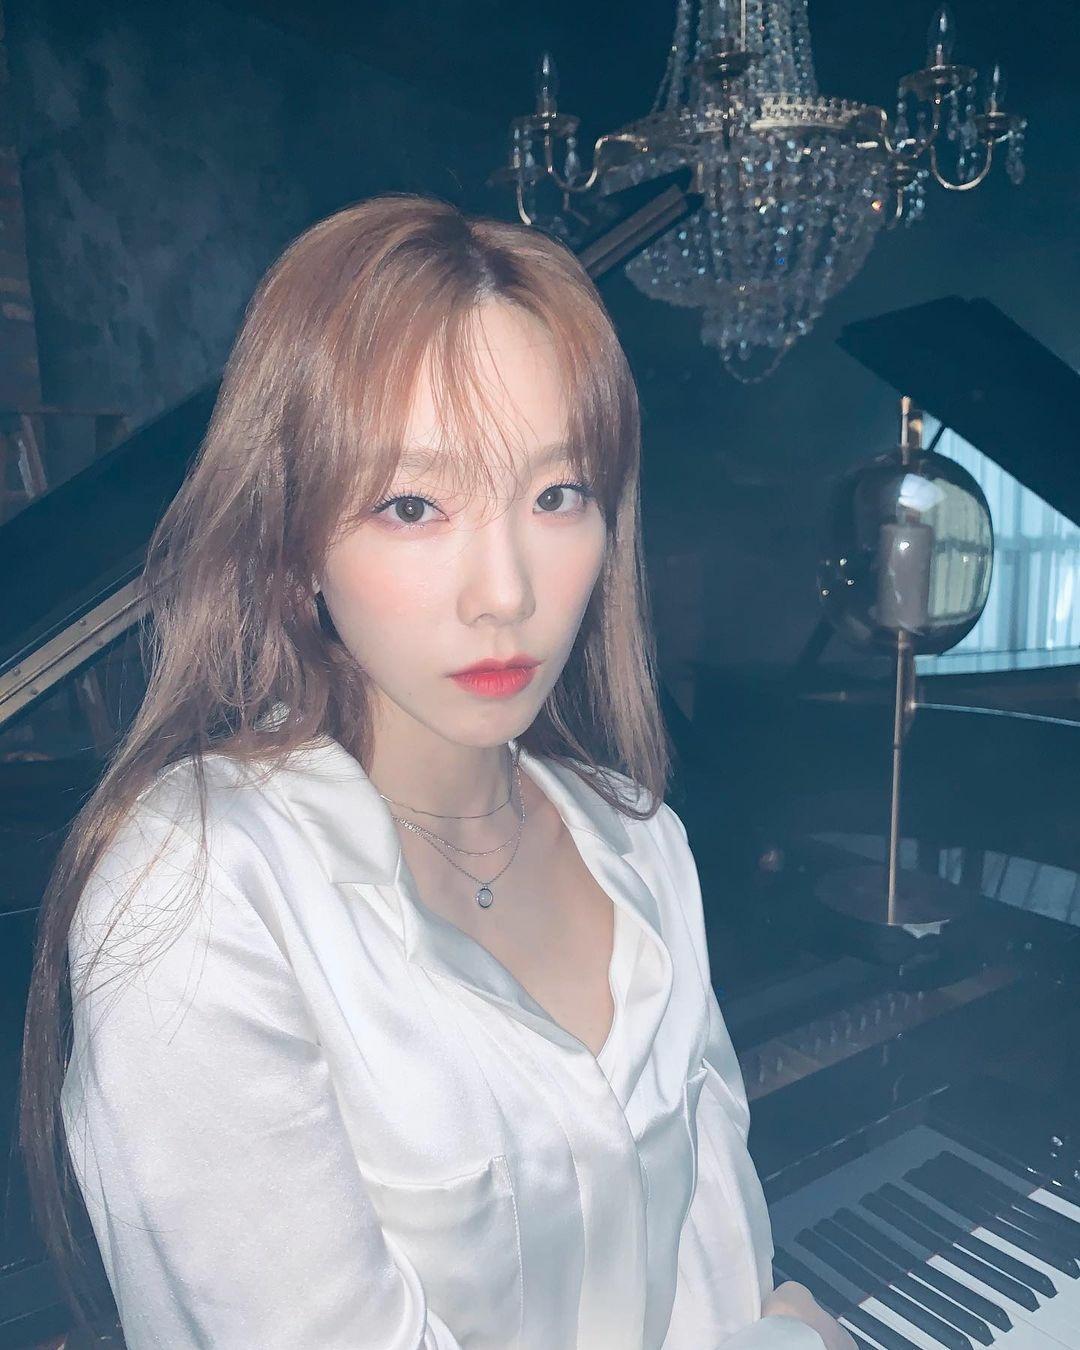 金泰妍INS公开近况 展现清纯性感的魅力